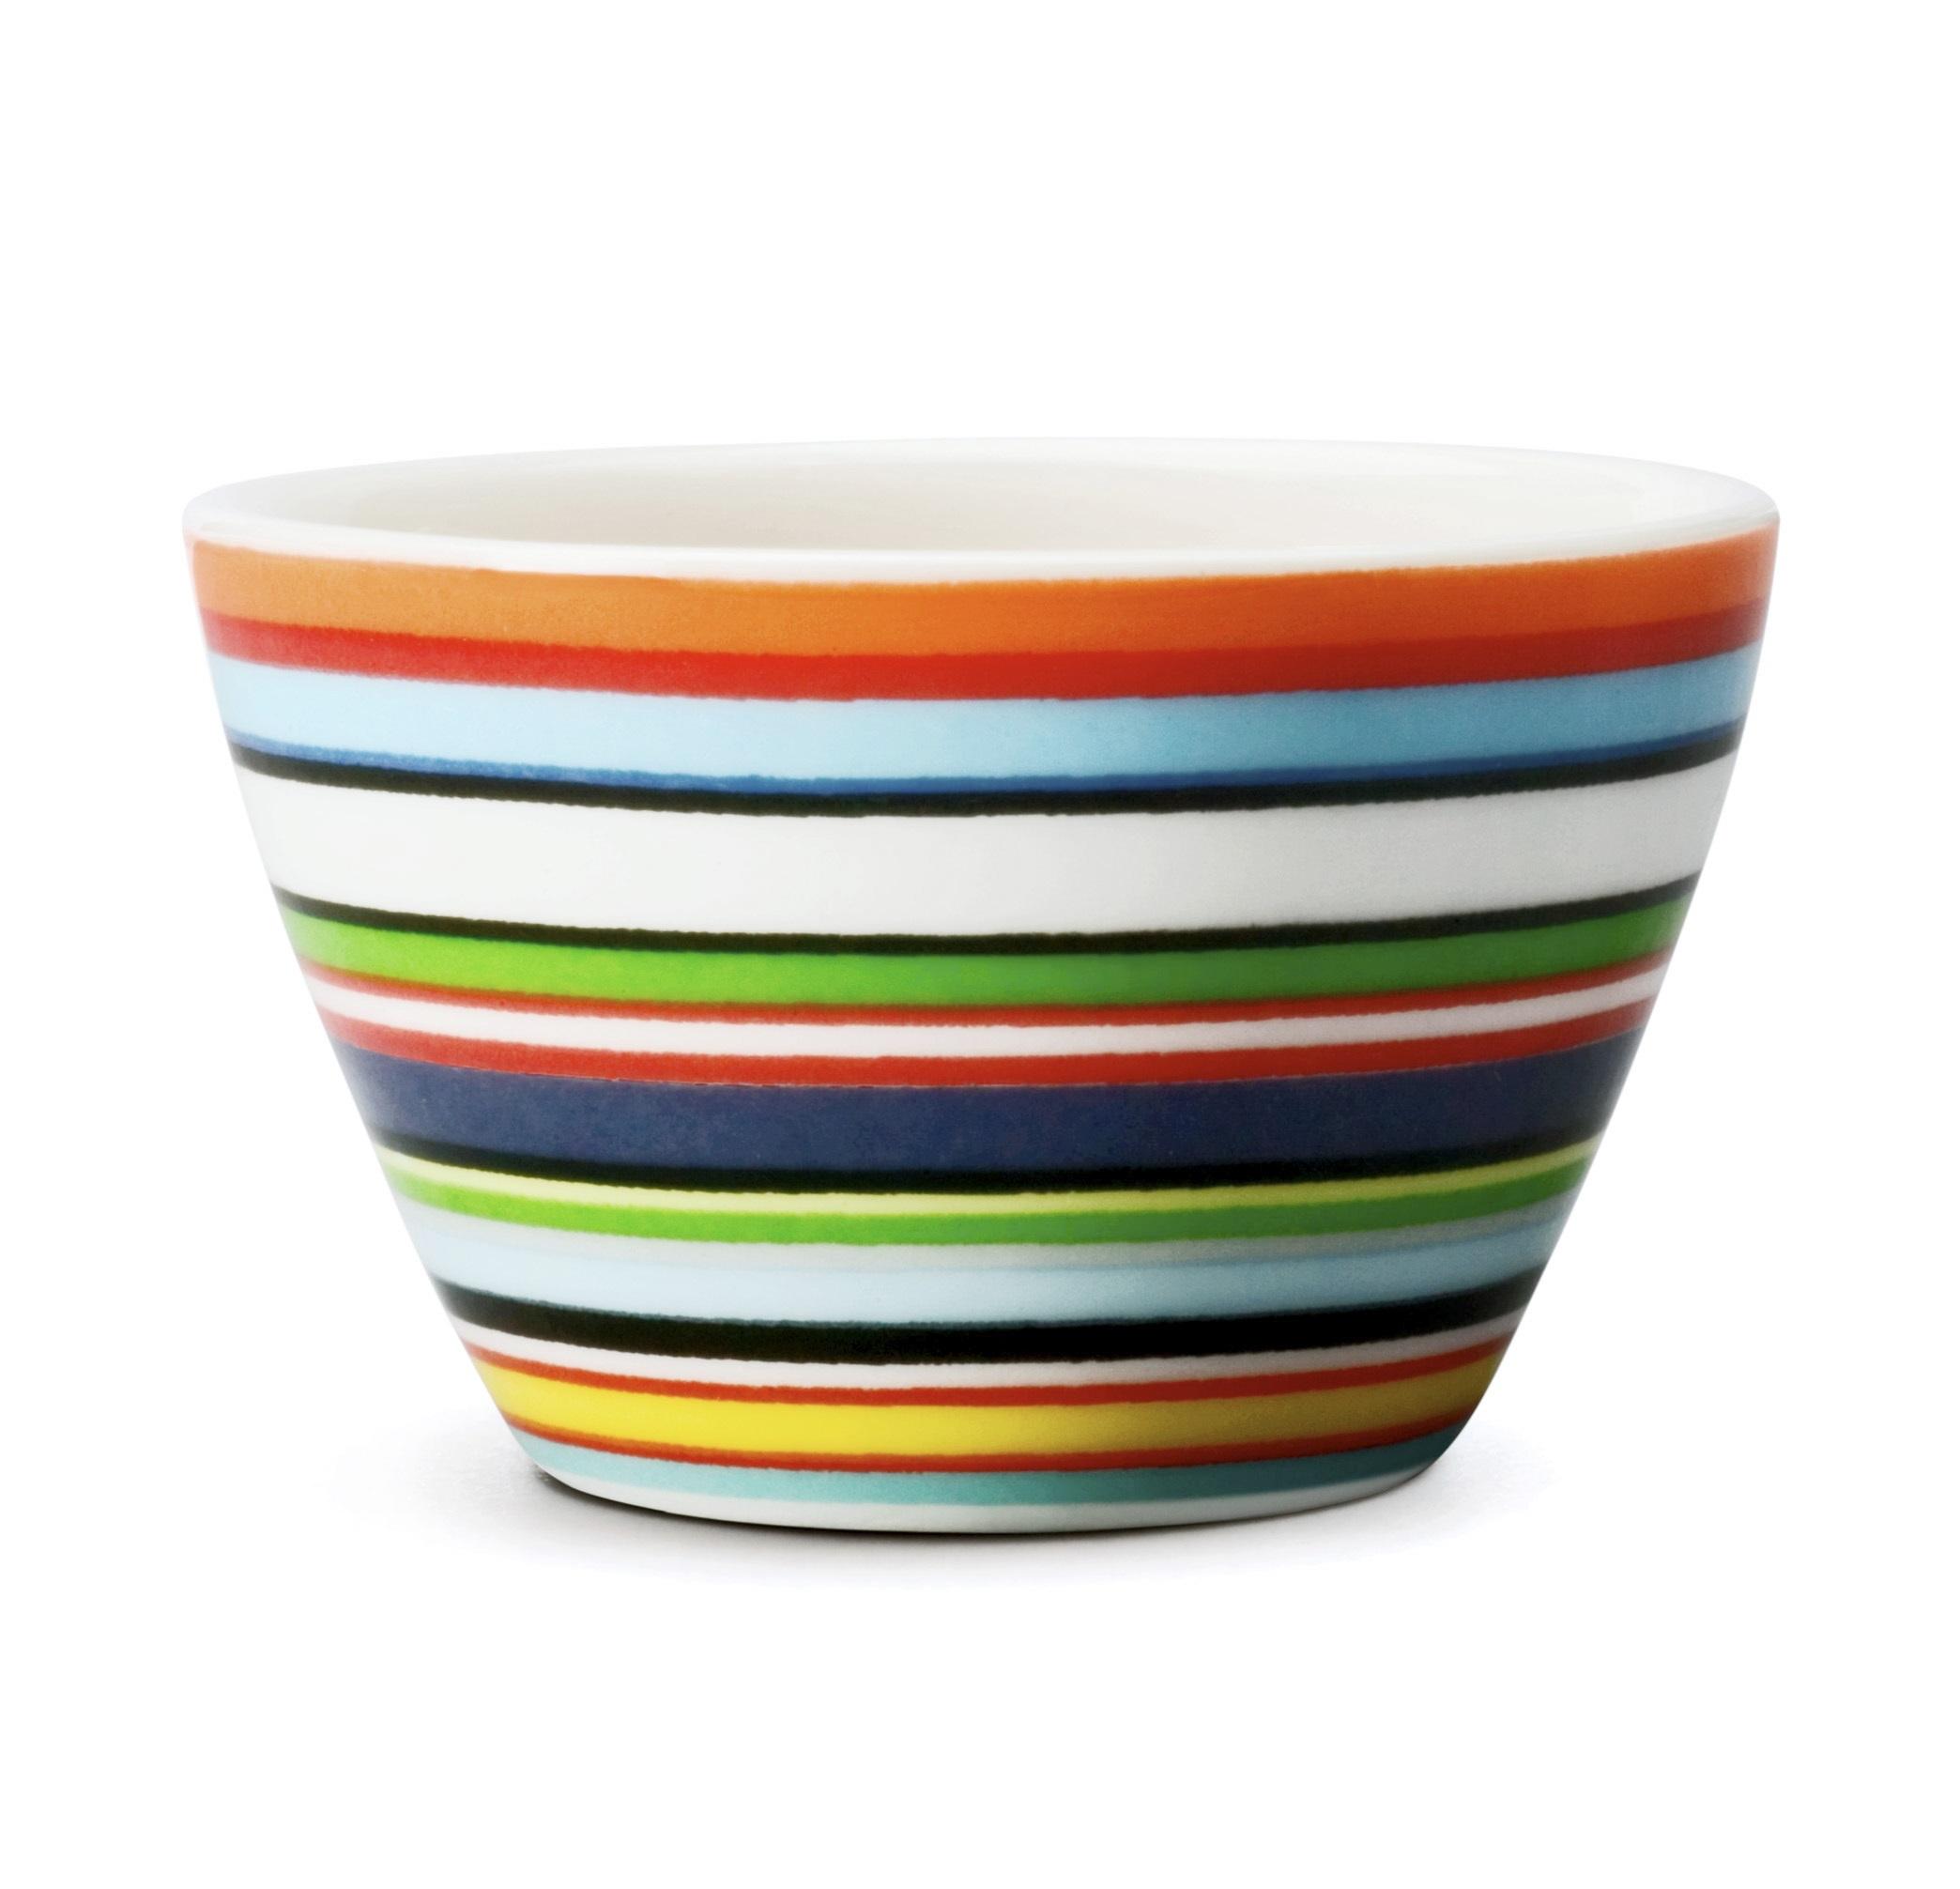 Подставка для яйца OrigoПодставки и доски<br>Смелый полосатый рисунок посуды серии Origo будет свежо смотреться на любой кухне. Посуда прекрасно сочетается с посудой других серий Iittala и подходит для приёма любой пищи. Впервые серия вышла 1999 году и с того момента стала невероятно популярной во всем мире.<br><br>Material: Фарфор<br>Length см: None<br>Width см: None<br>Depth см: None<br>Height см: 3<br>Diameter см: 5